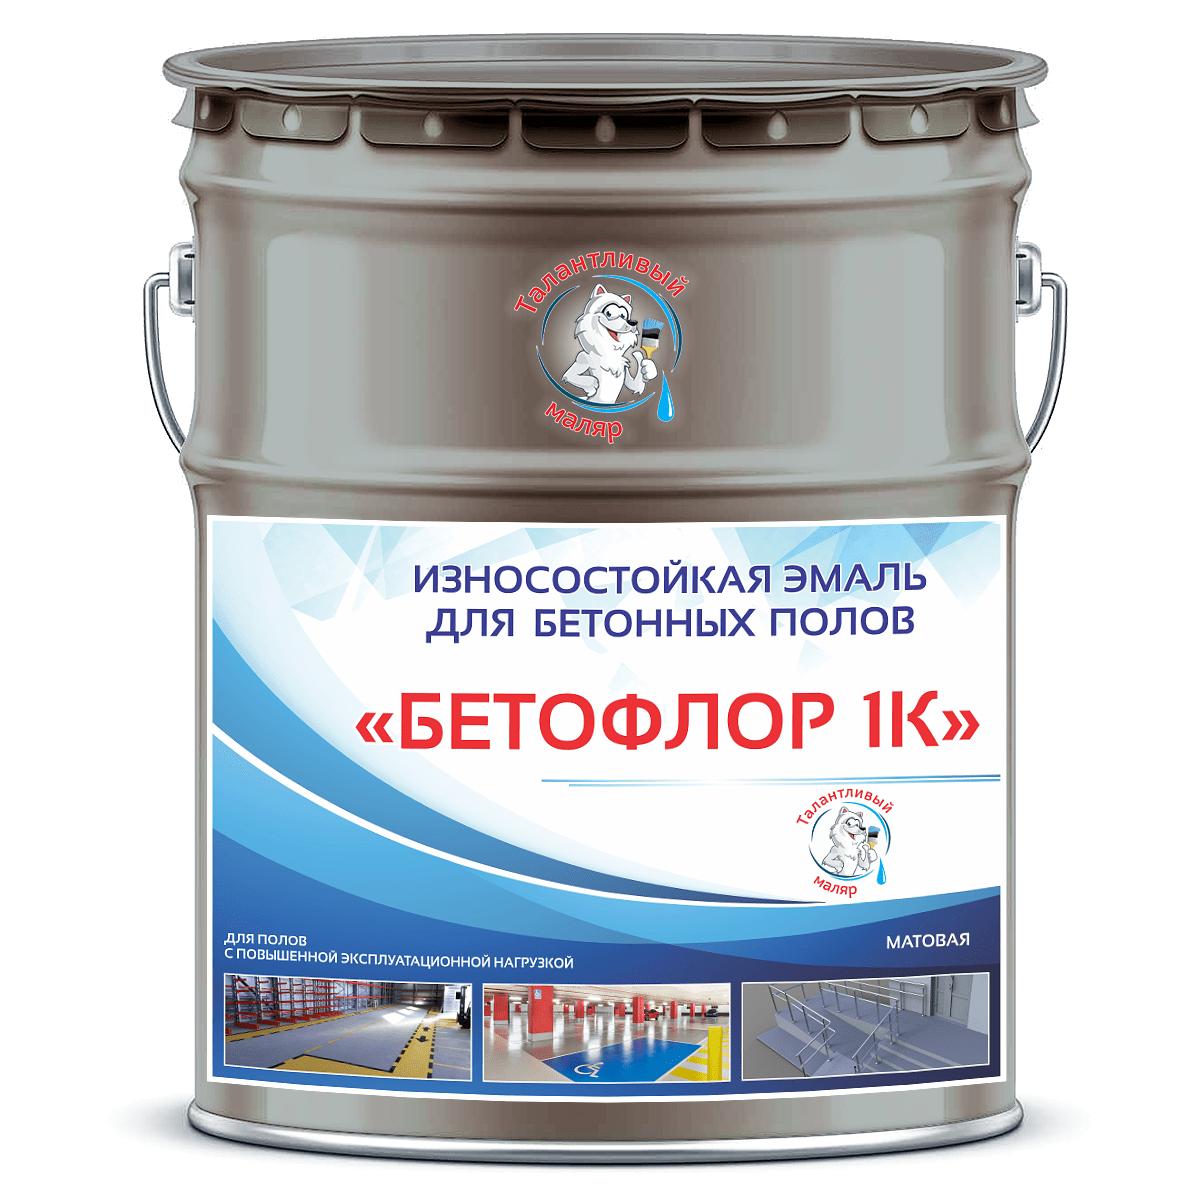 """Фото 21 - BF7030 Эмаль для бетонных полов """"Бетофлор"""" 1К цвет RAL 7030 Серый камень, матовая износостойкая, 25 кг """"Талантливый Маляр""""."""